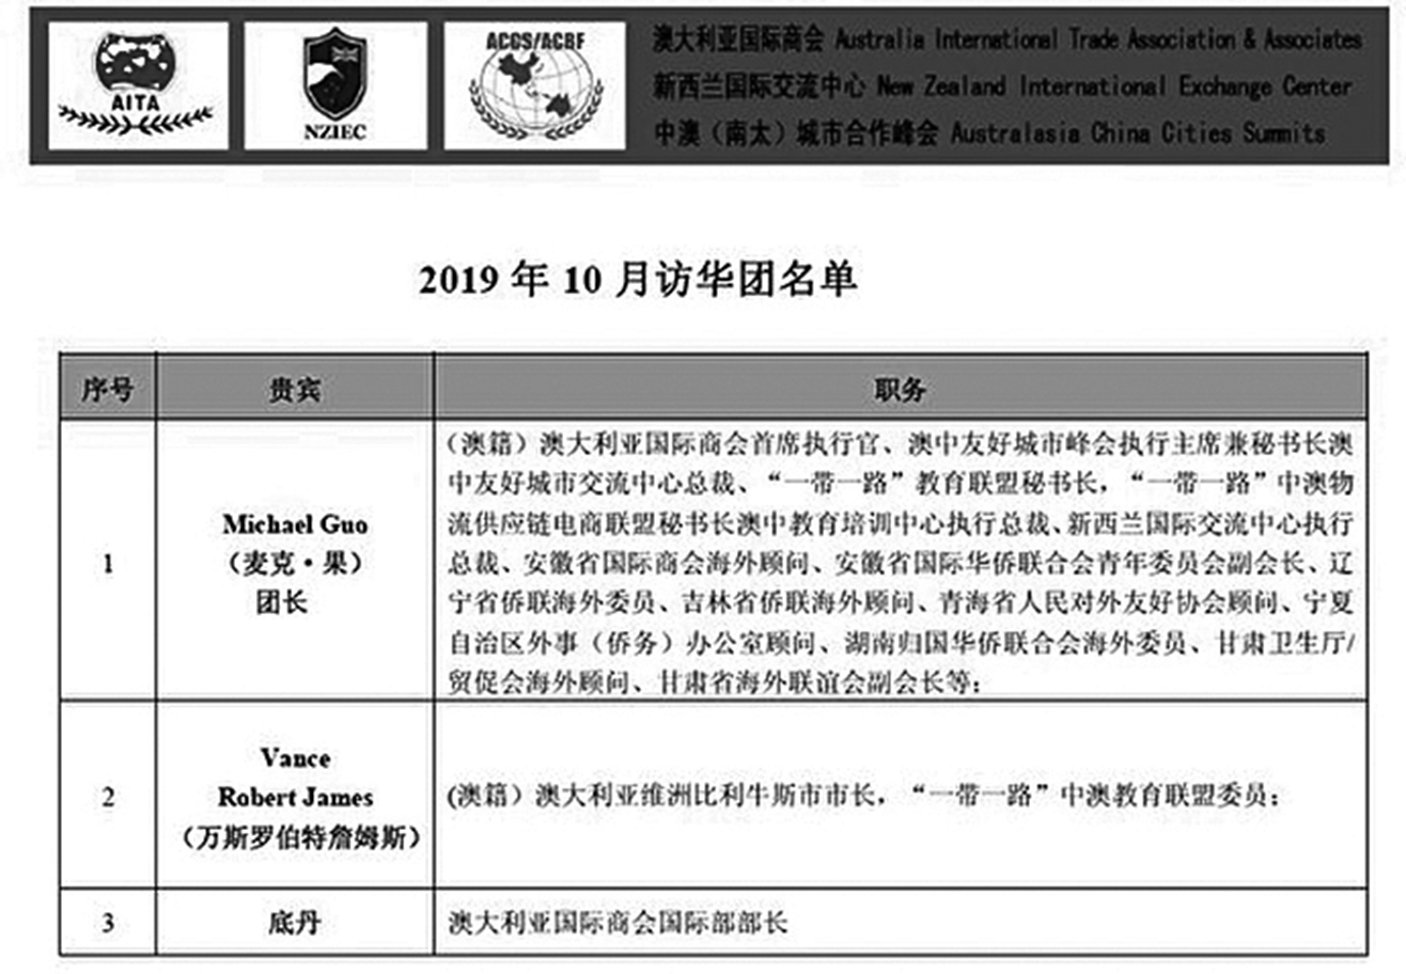 淮南市政府收到AITA於2019年10月23日發來的會晤商榷函。圖為函件截圖。(大紀元)